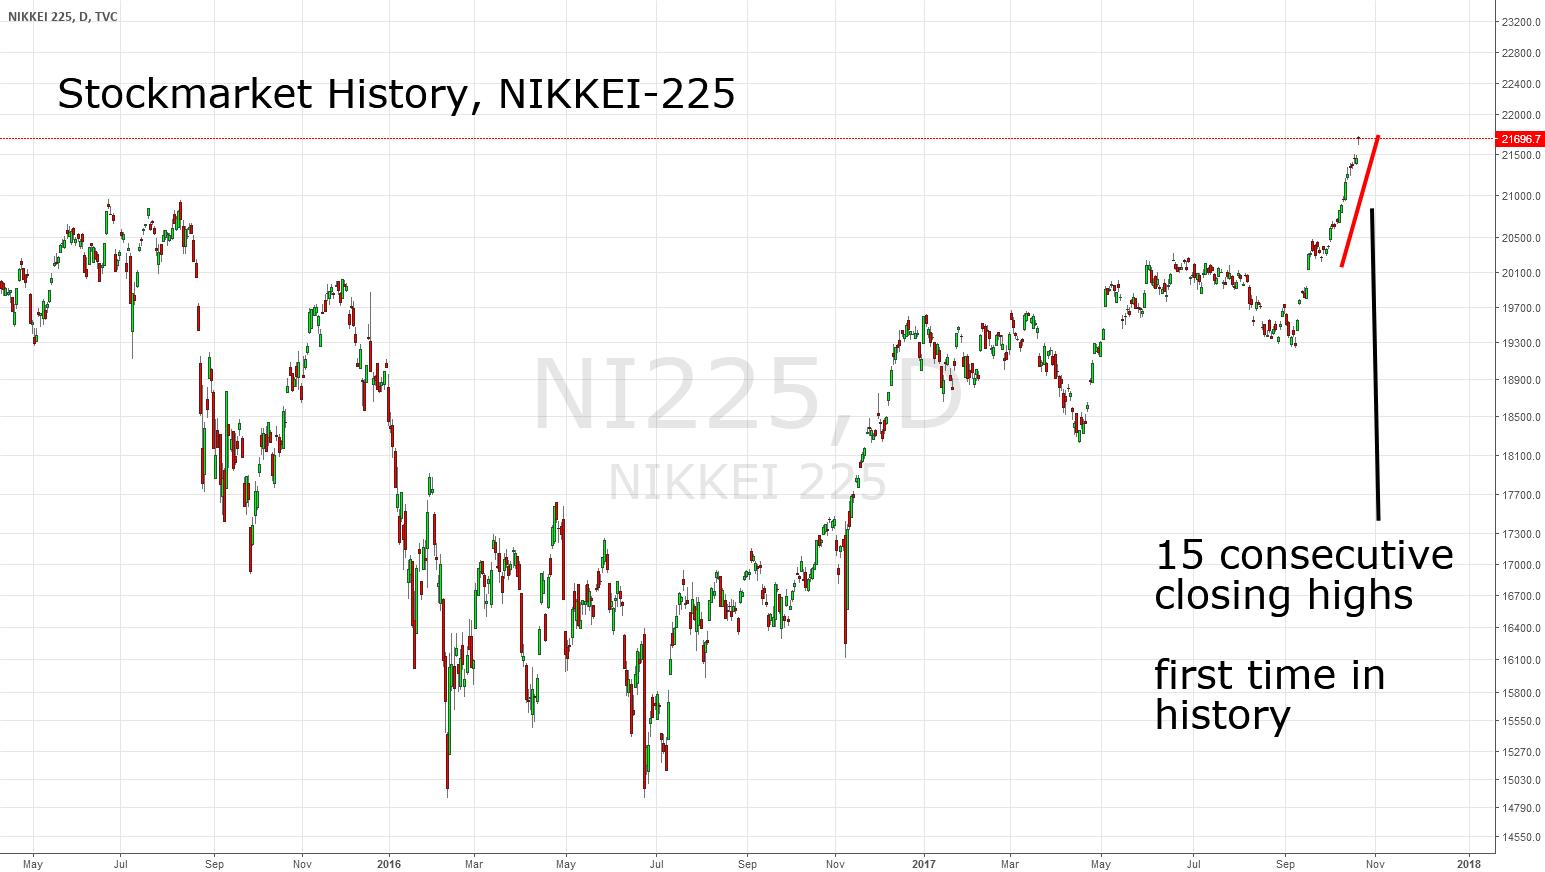 NIKKEI-225: 15 consecutive closing highs